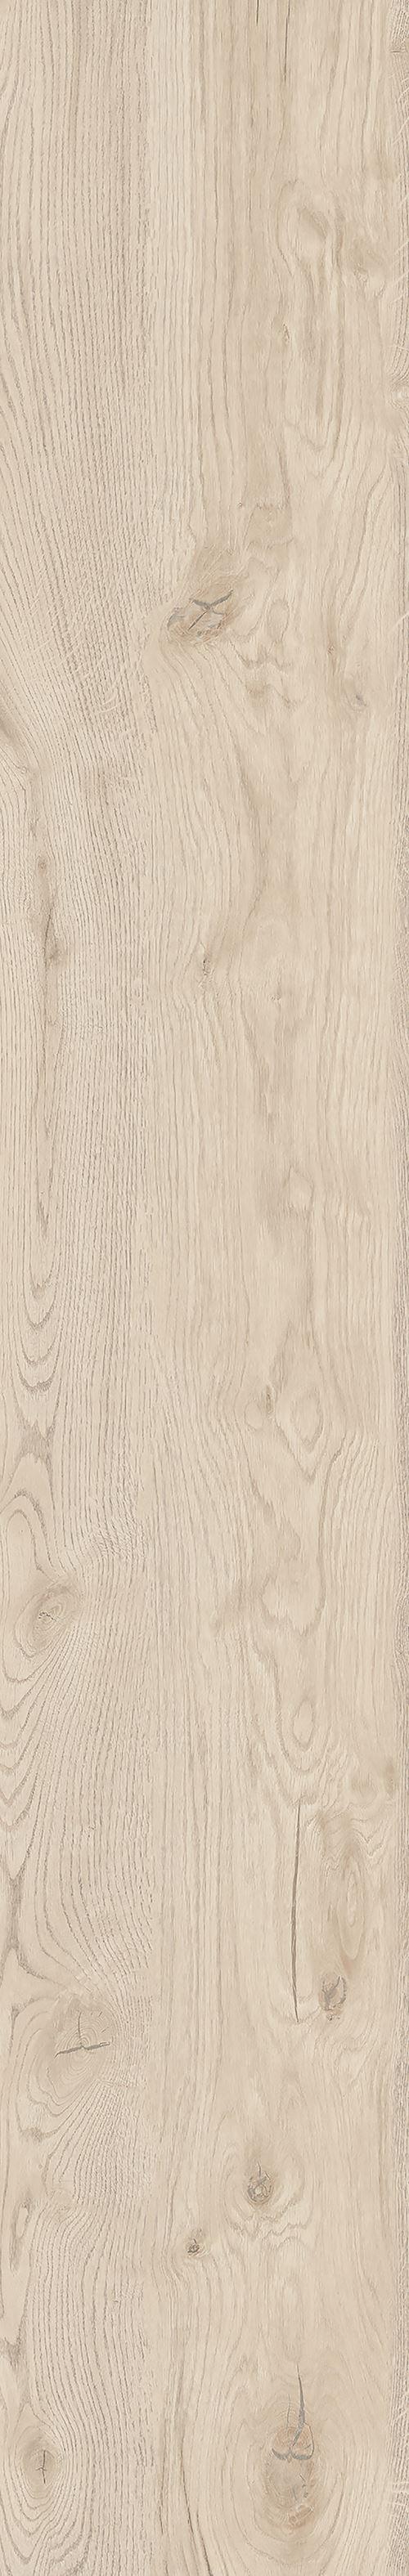 Korzlius Wood Grain white STR